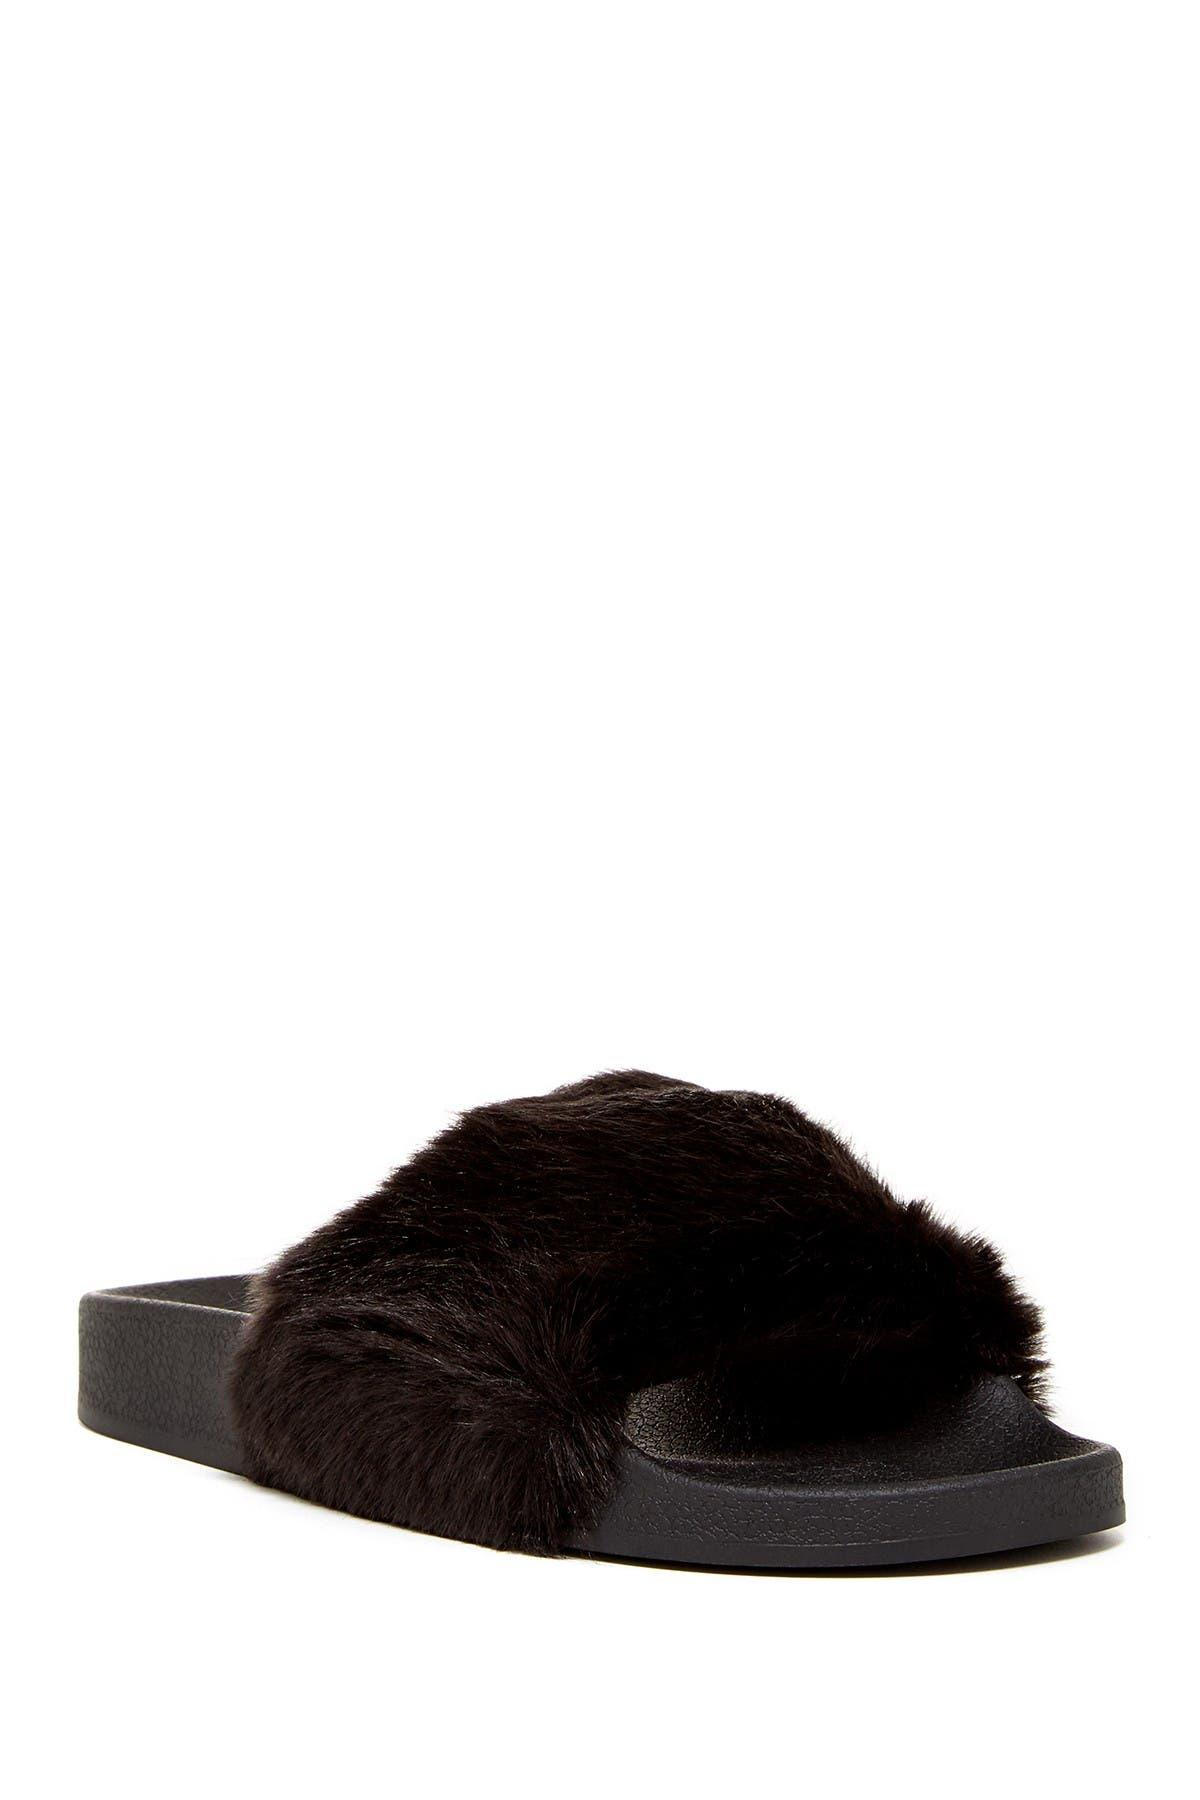 Image of Jeffrey Campbell Follow Me Faux Fur Slide Sandal